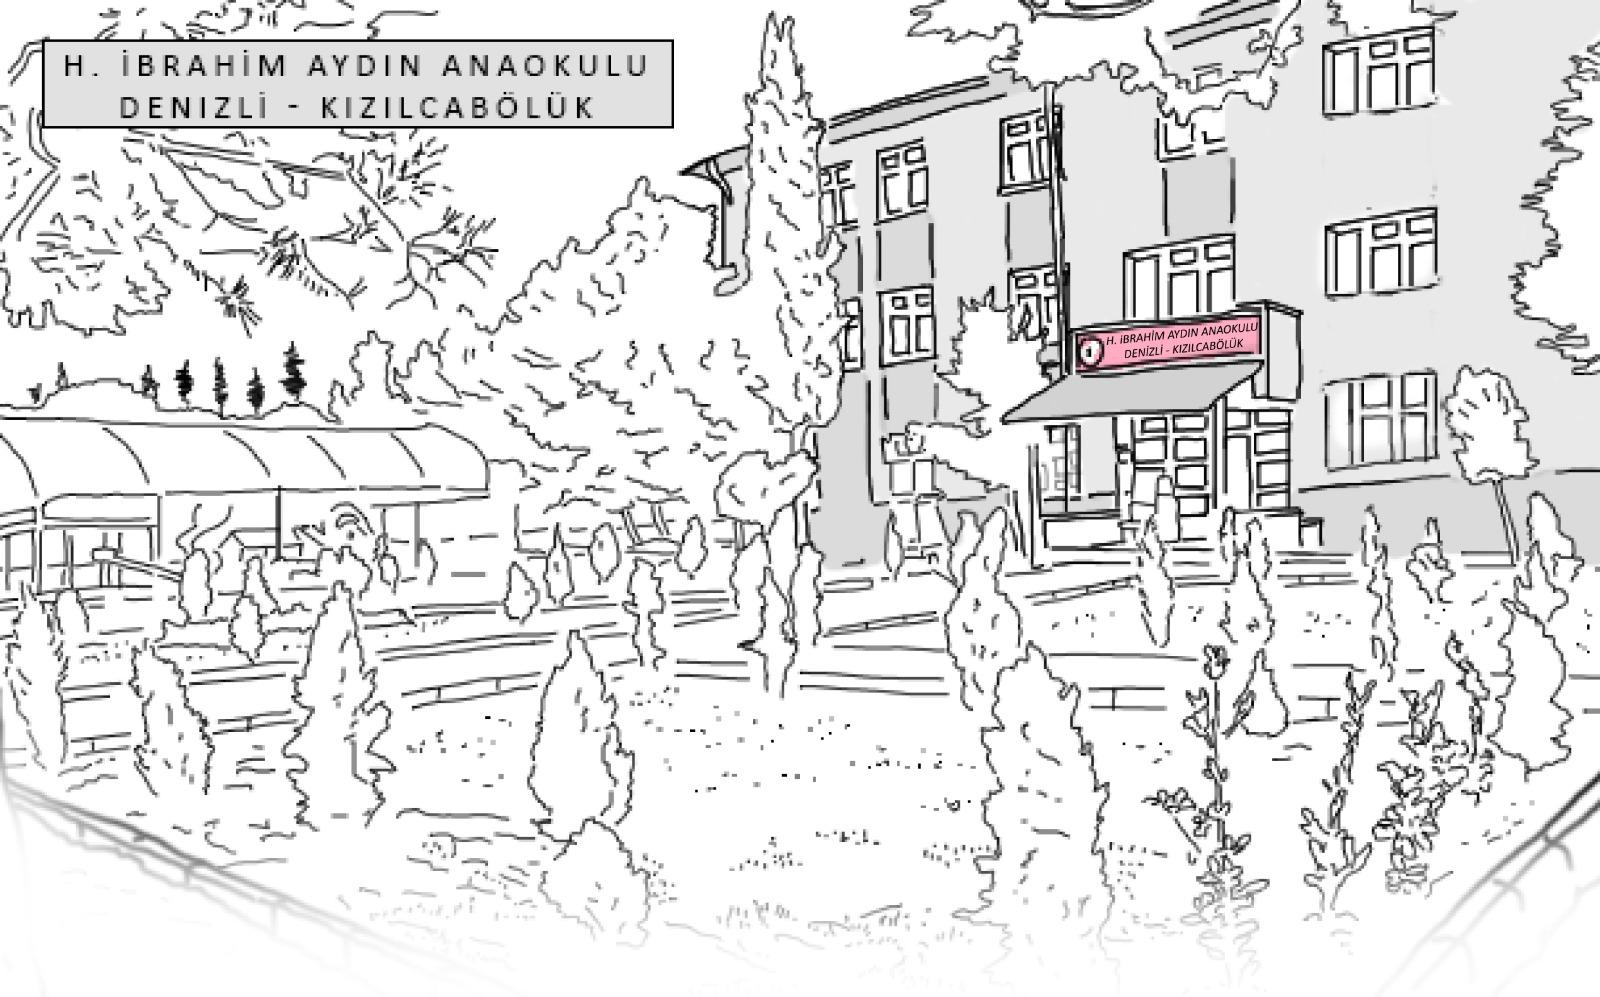 Hacı İbrahim Aydın Anaokulu Kızılcabölük/DENİZLİ